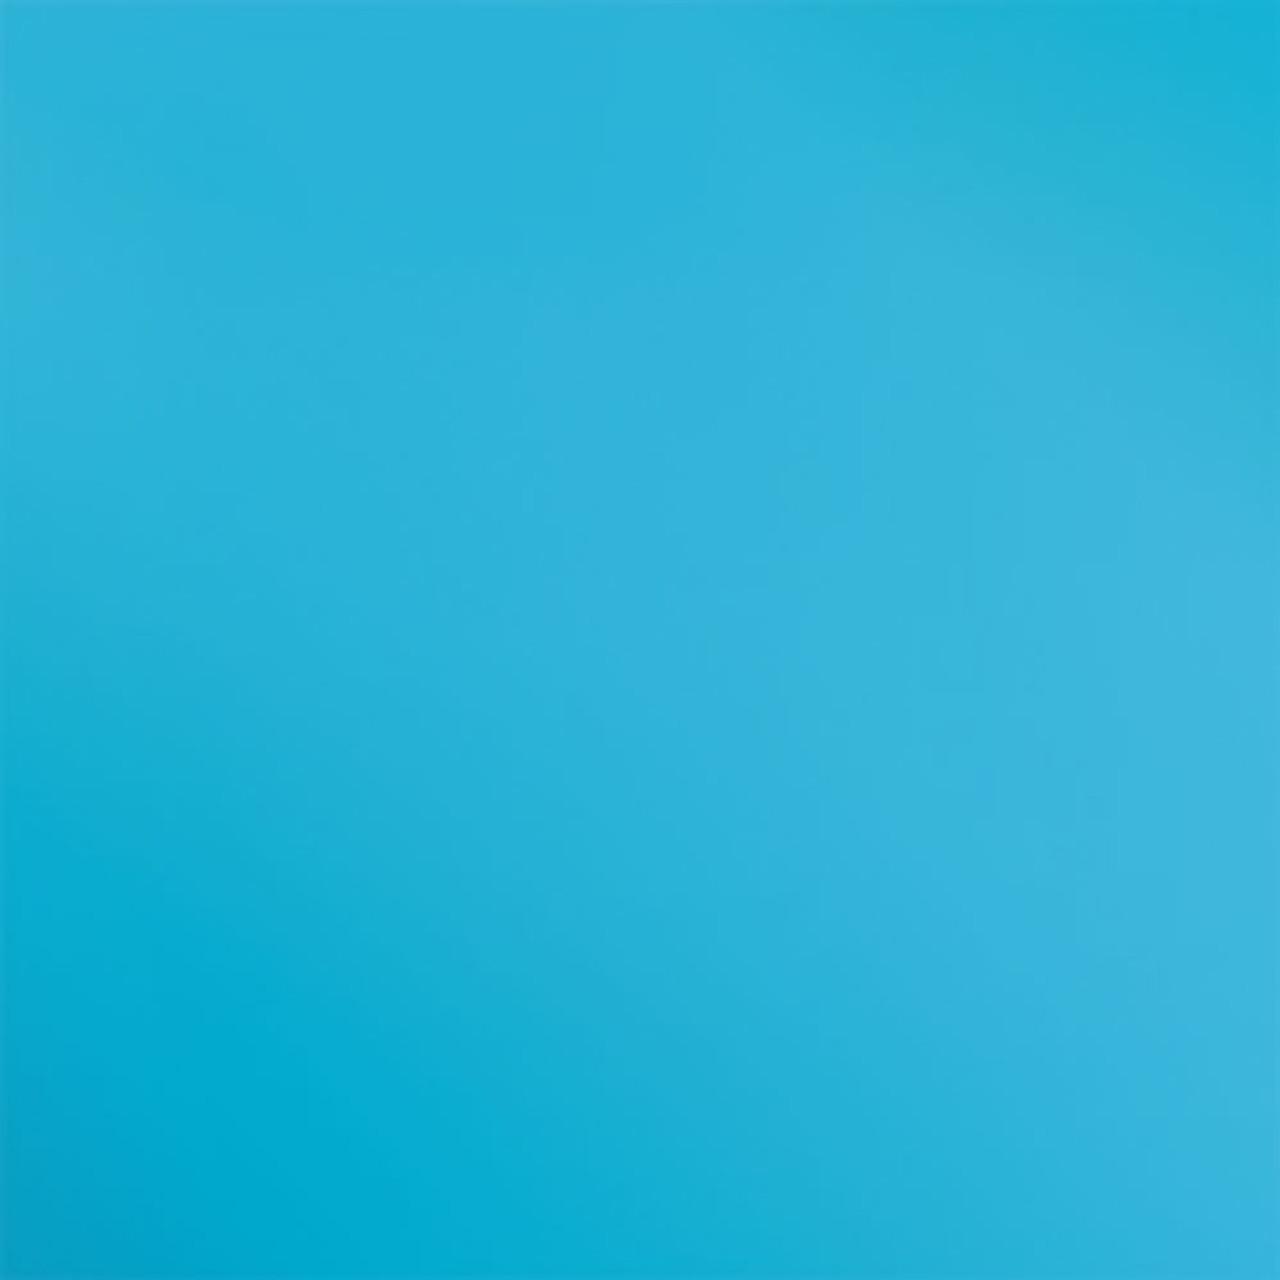 blue sky transparent spectrum glass coe96 | go fusing